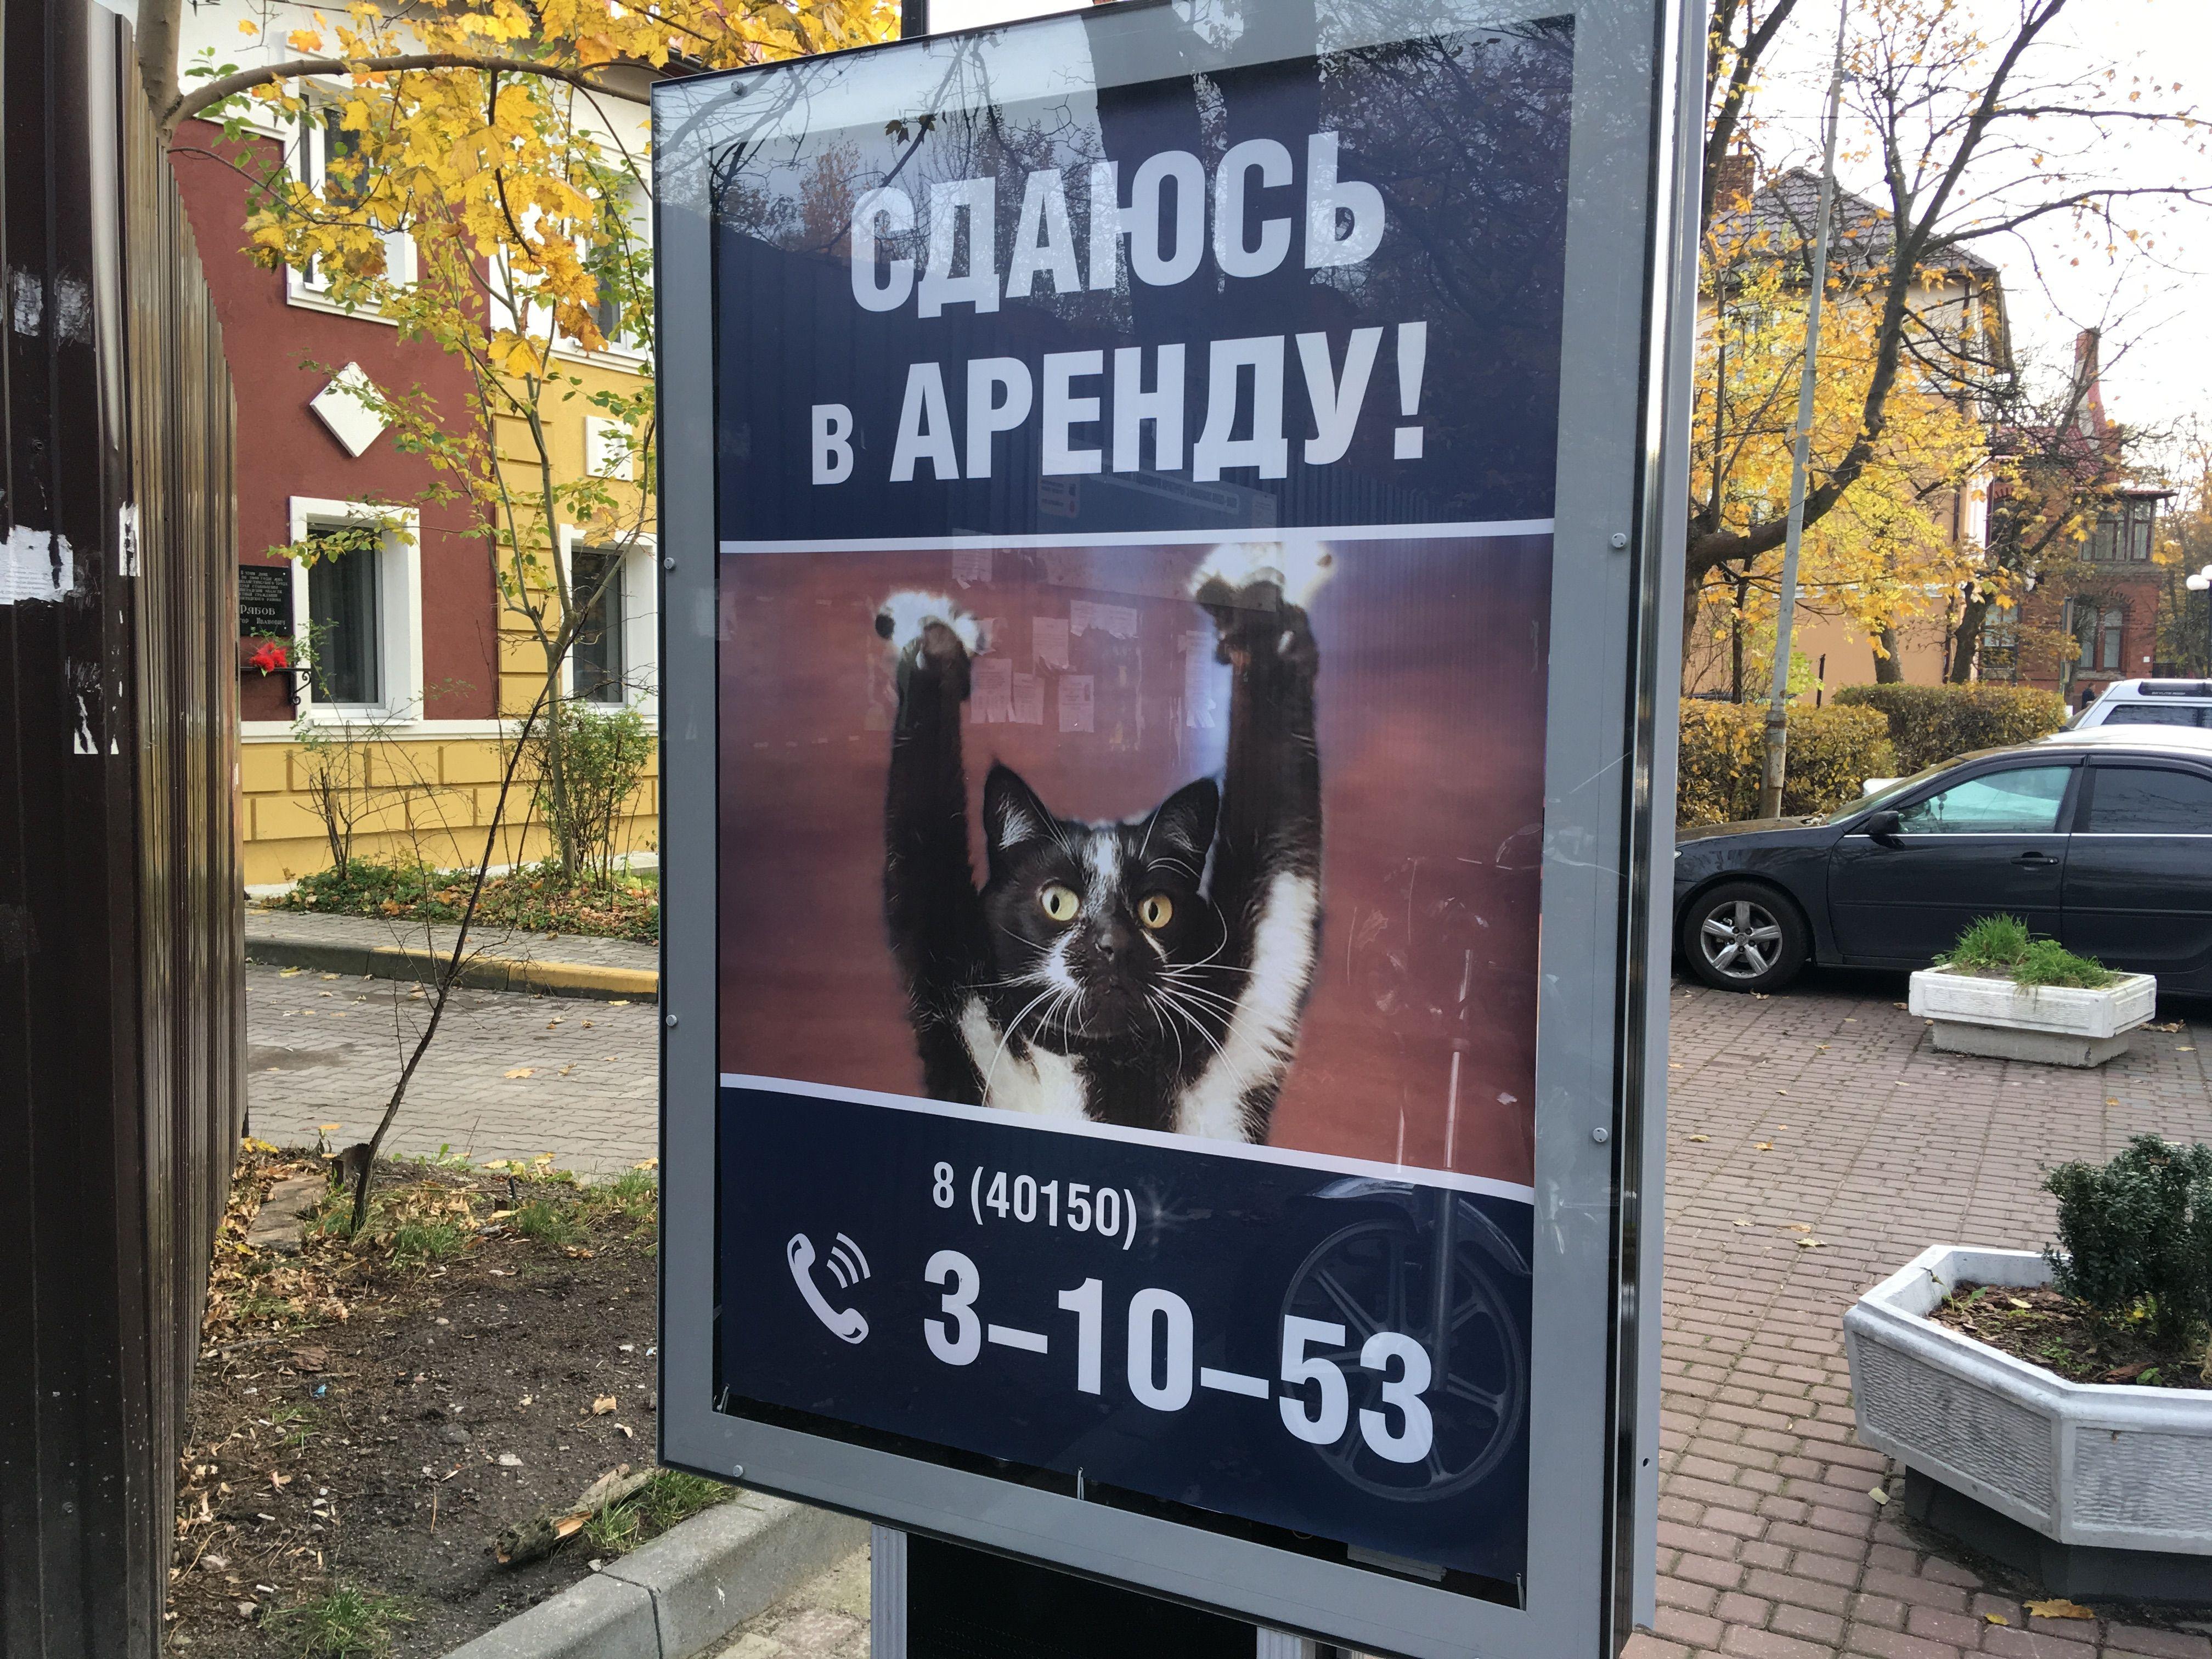 Реклама с котом